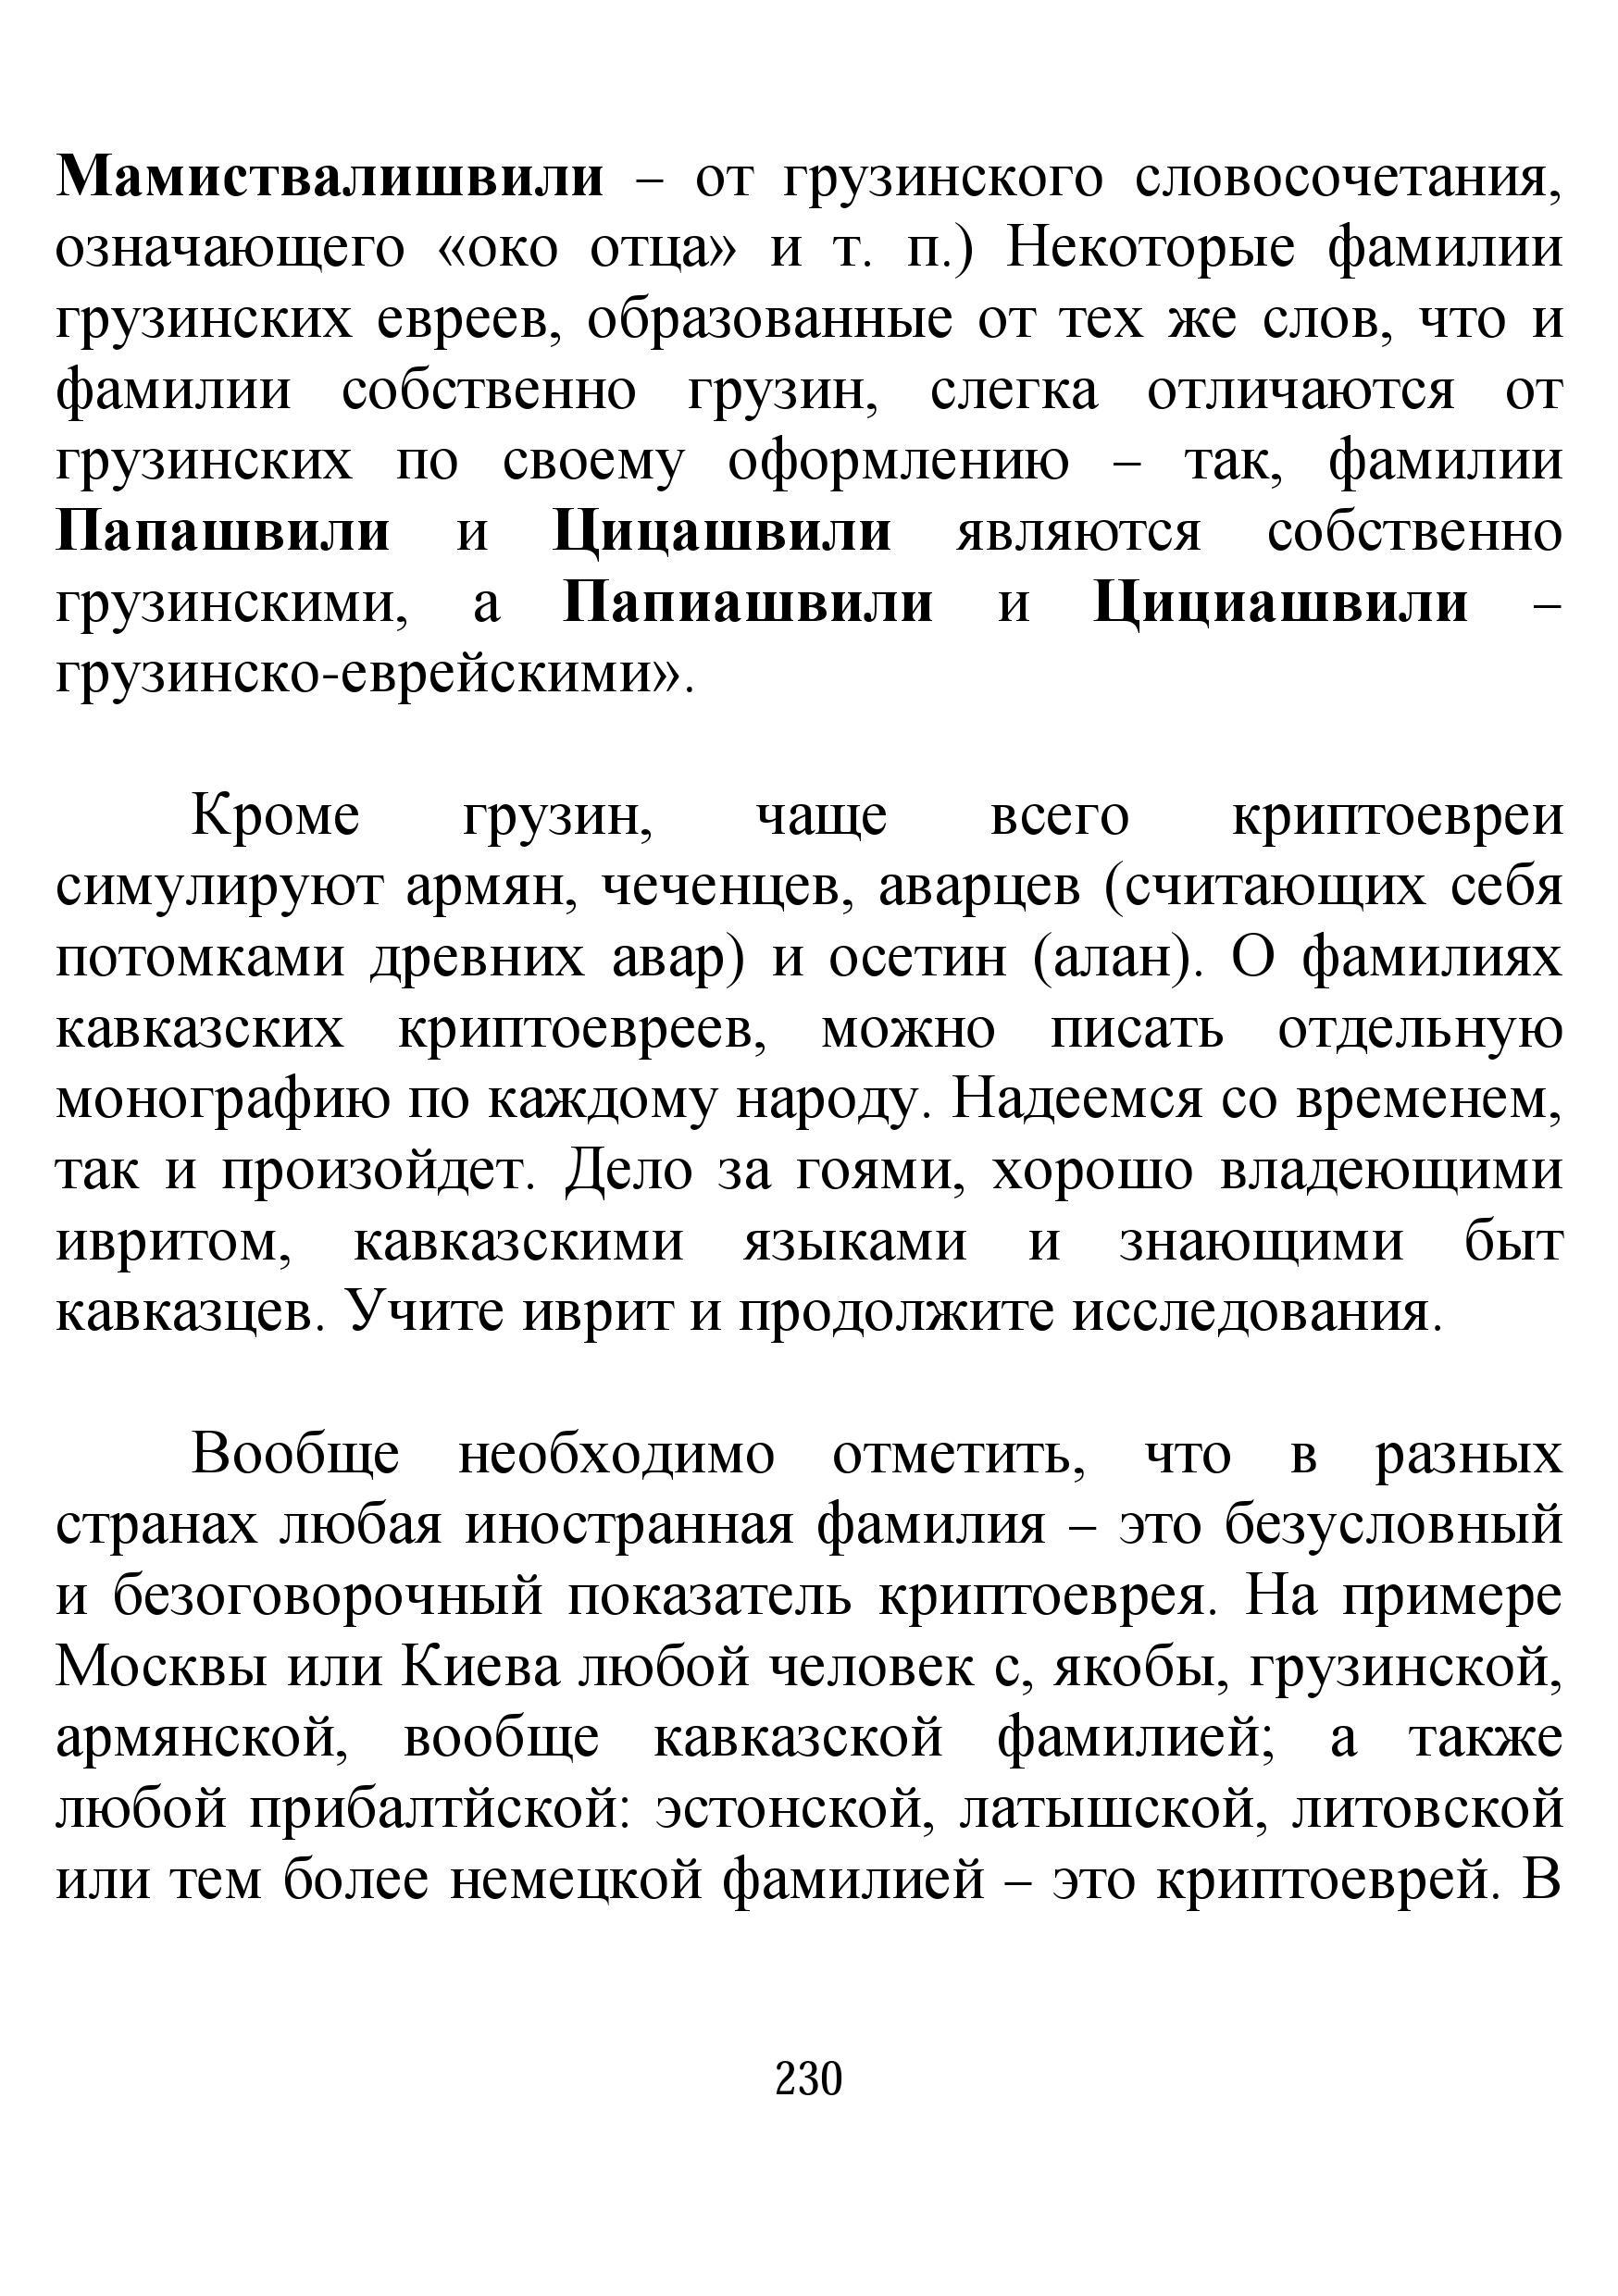 http://s3.uploads.ru/aNiIl.jpg